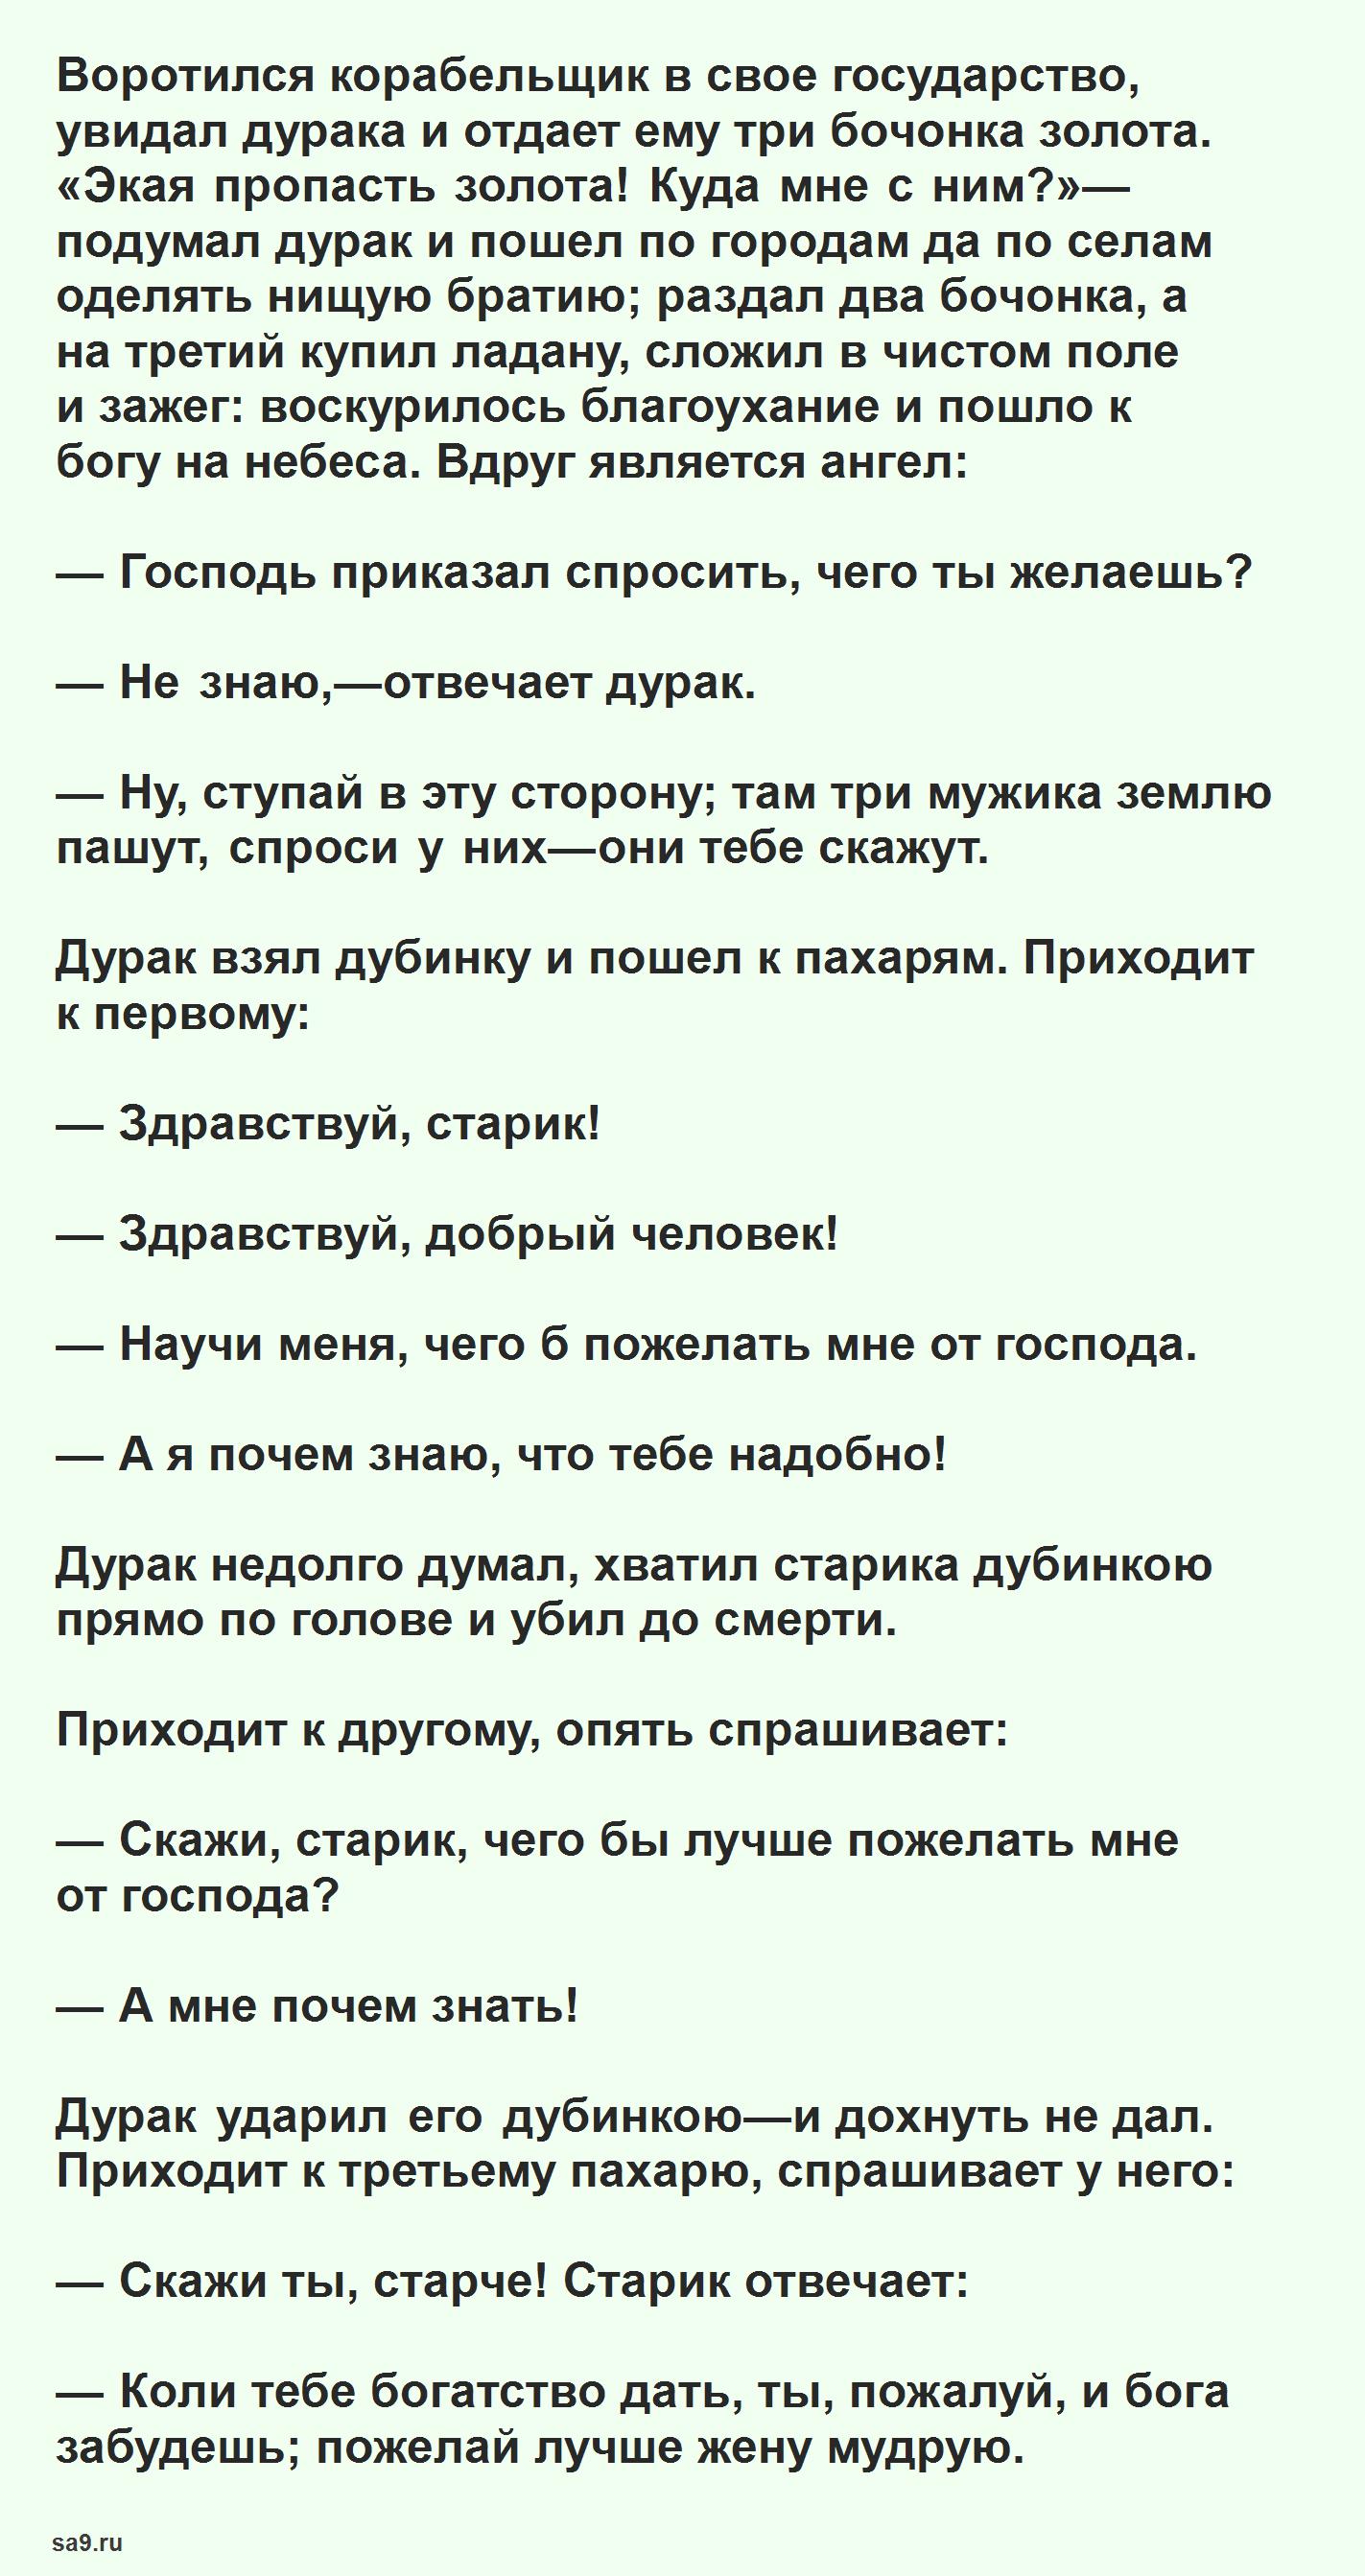 Русская народная сказка - Мудрая жена, читать онлайн бесплатно